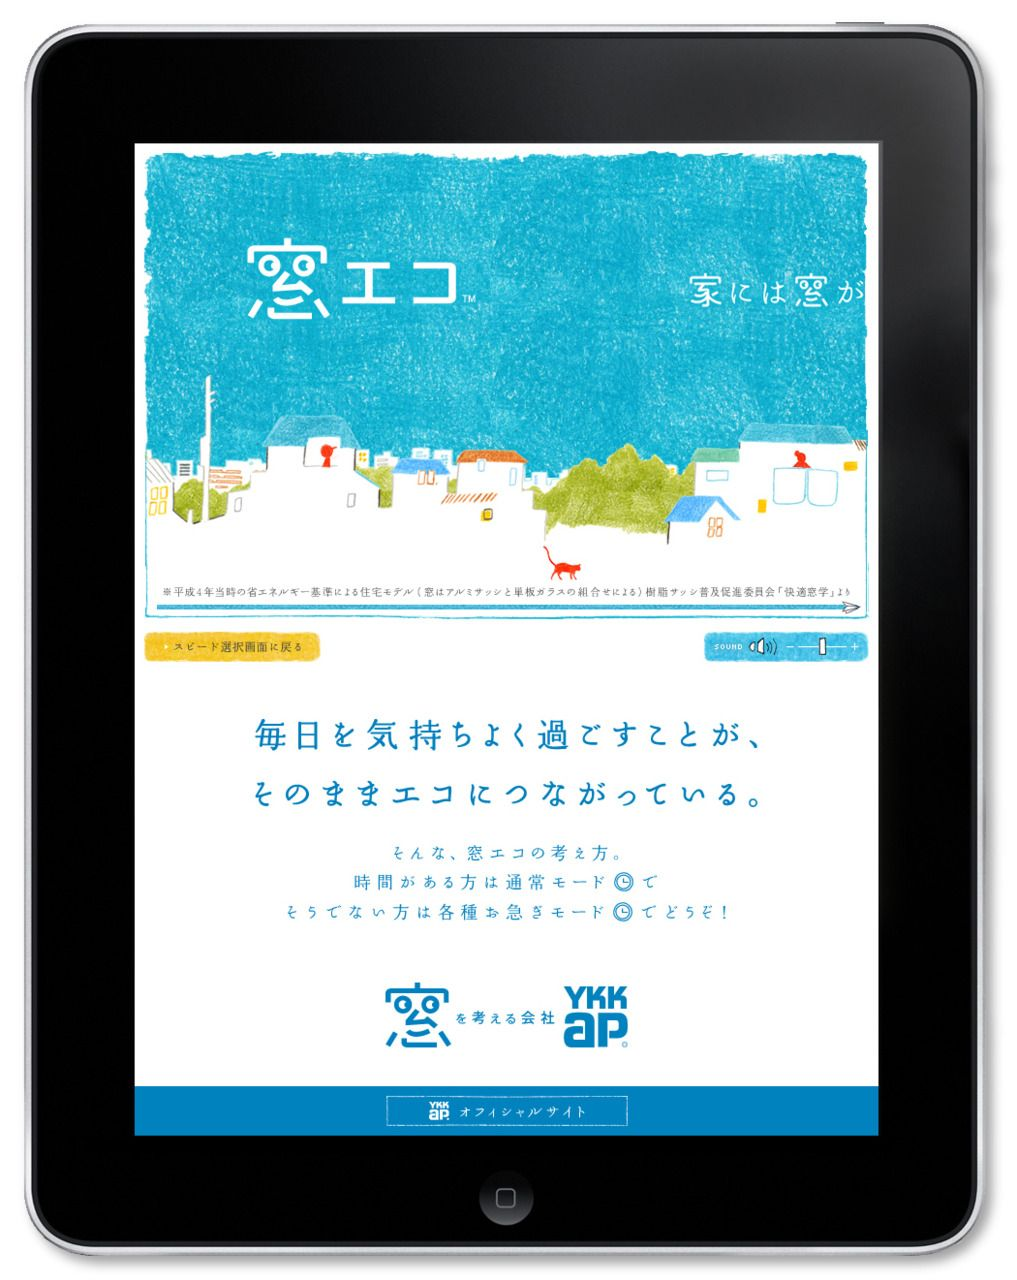 窓エコ Ykkap With Images Web Inspiration Book Design Illustration